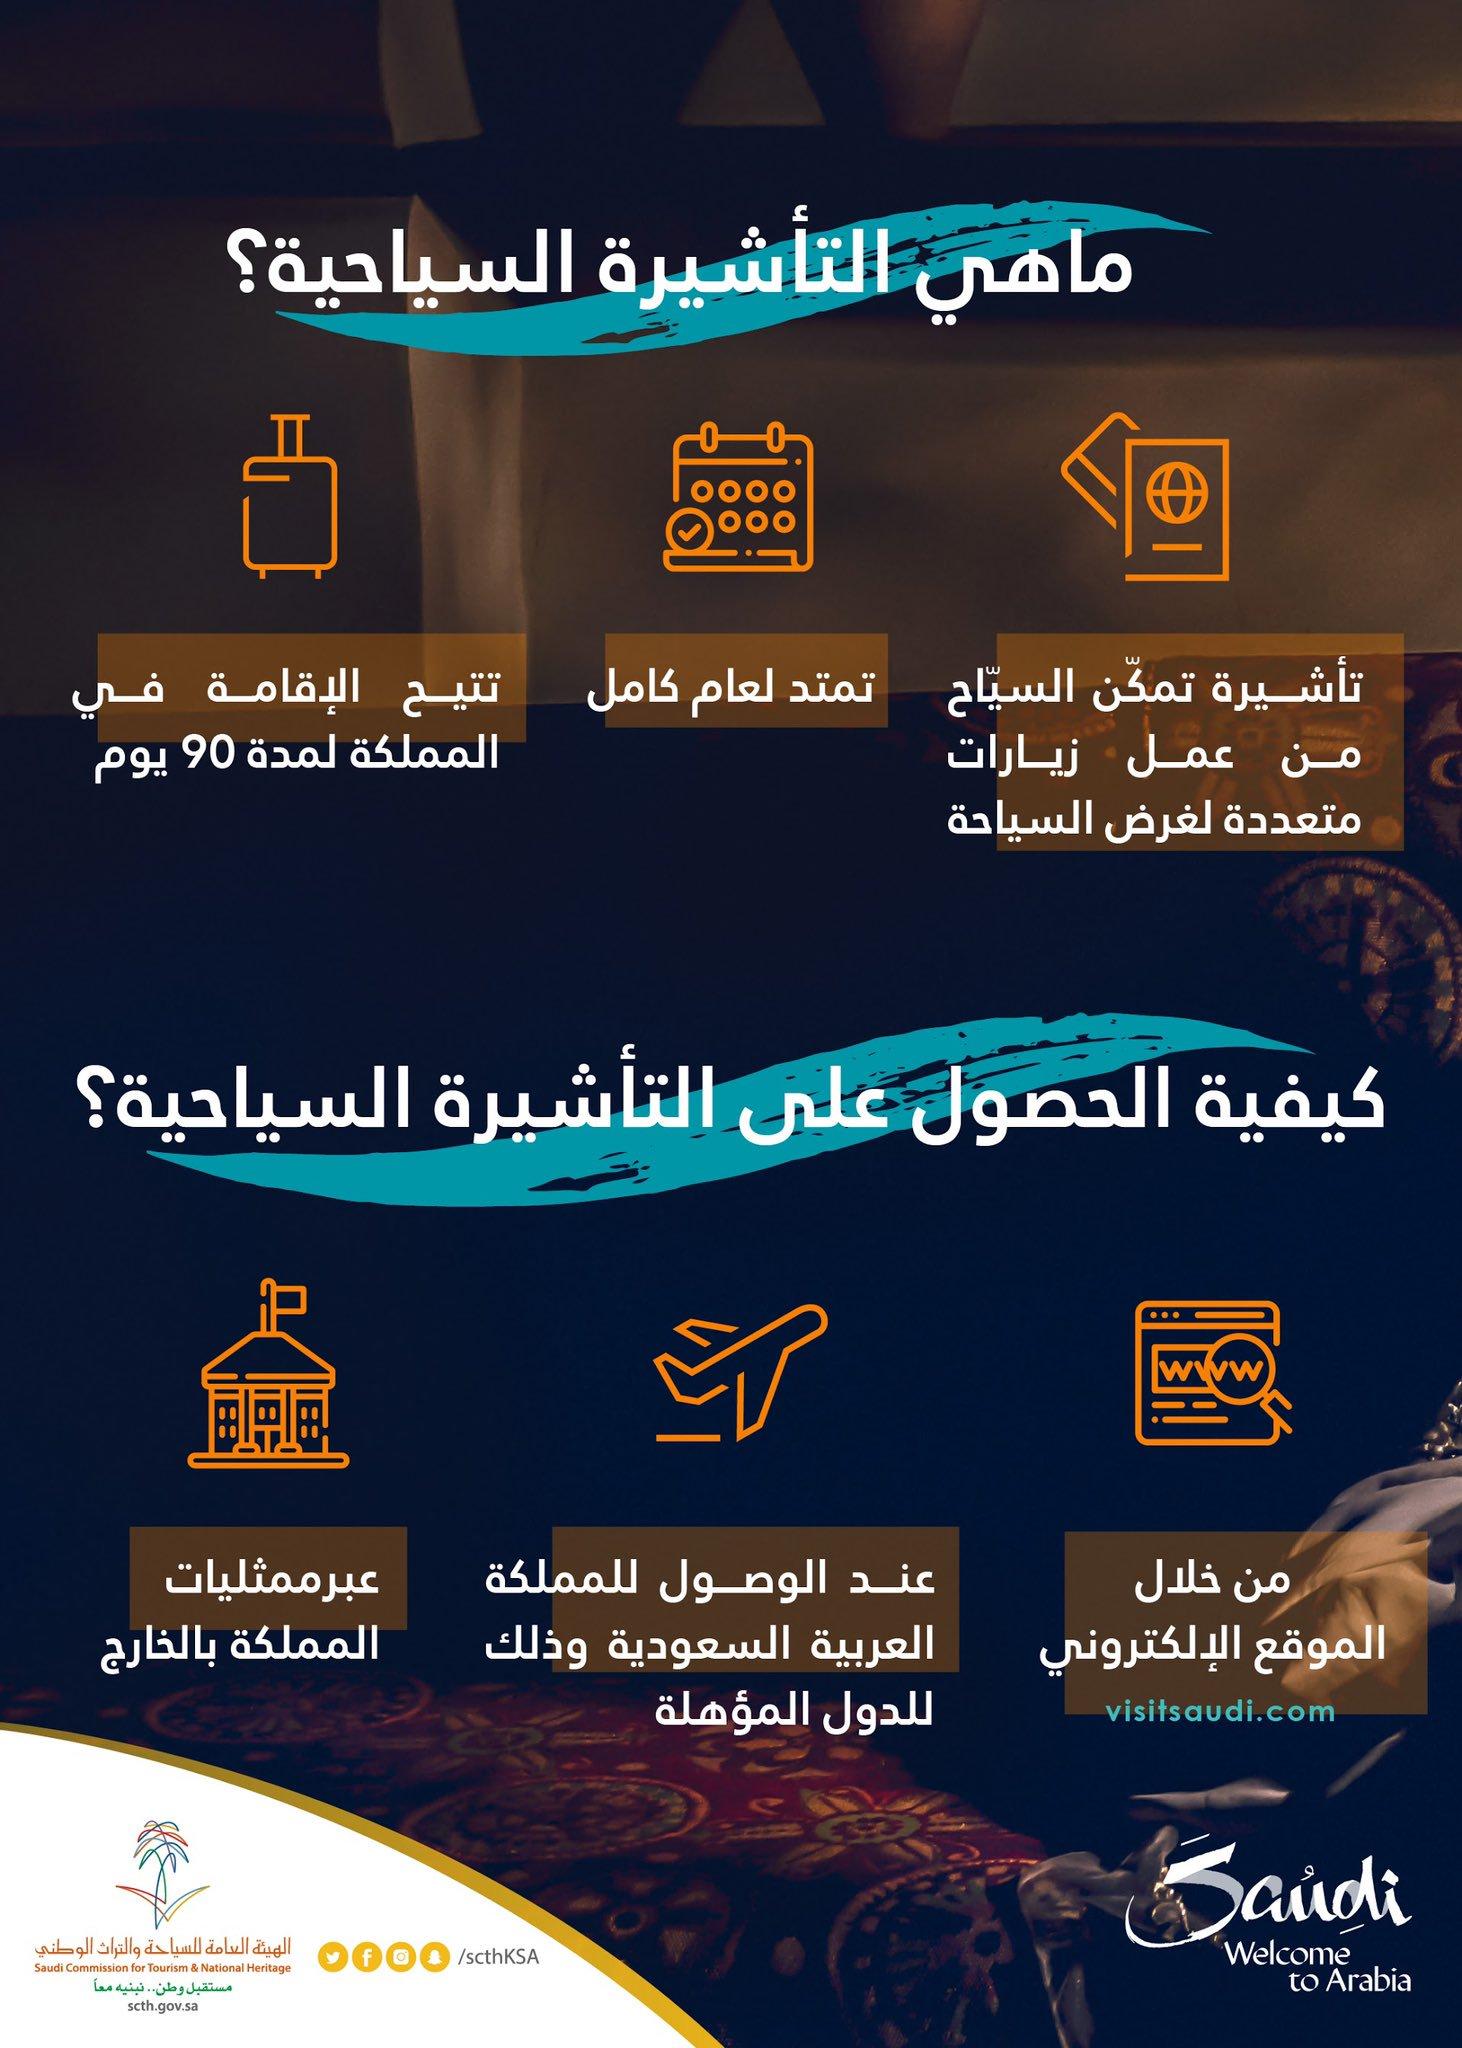 استخراج فيزا سياحية للسعودية